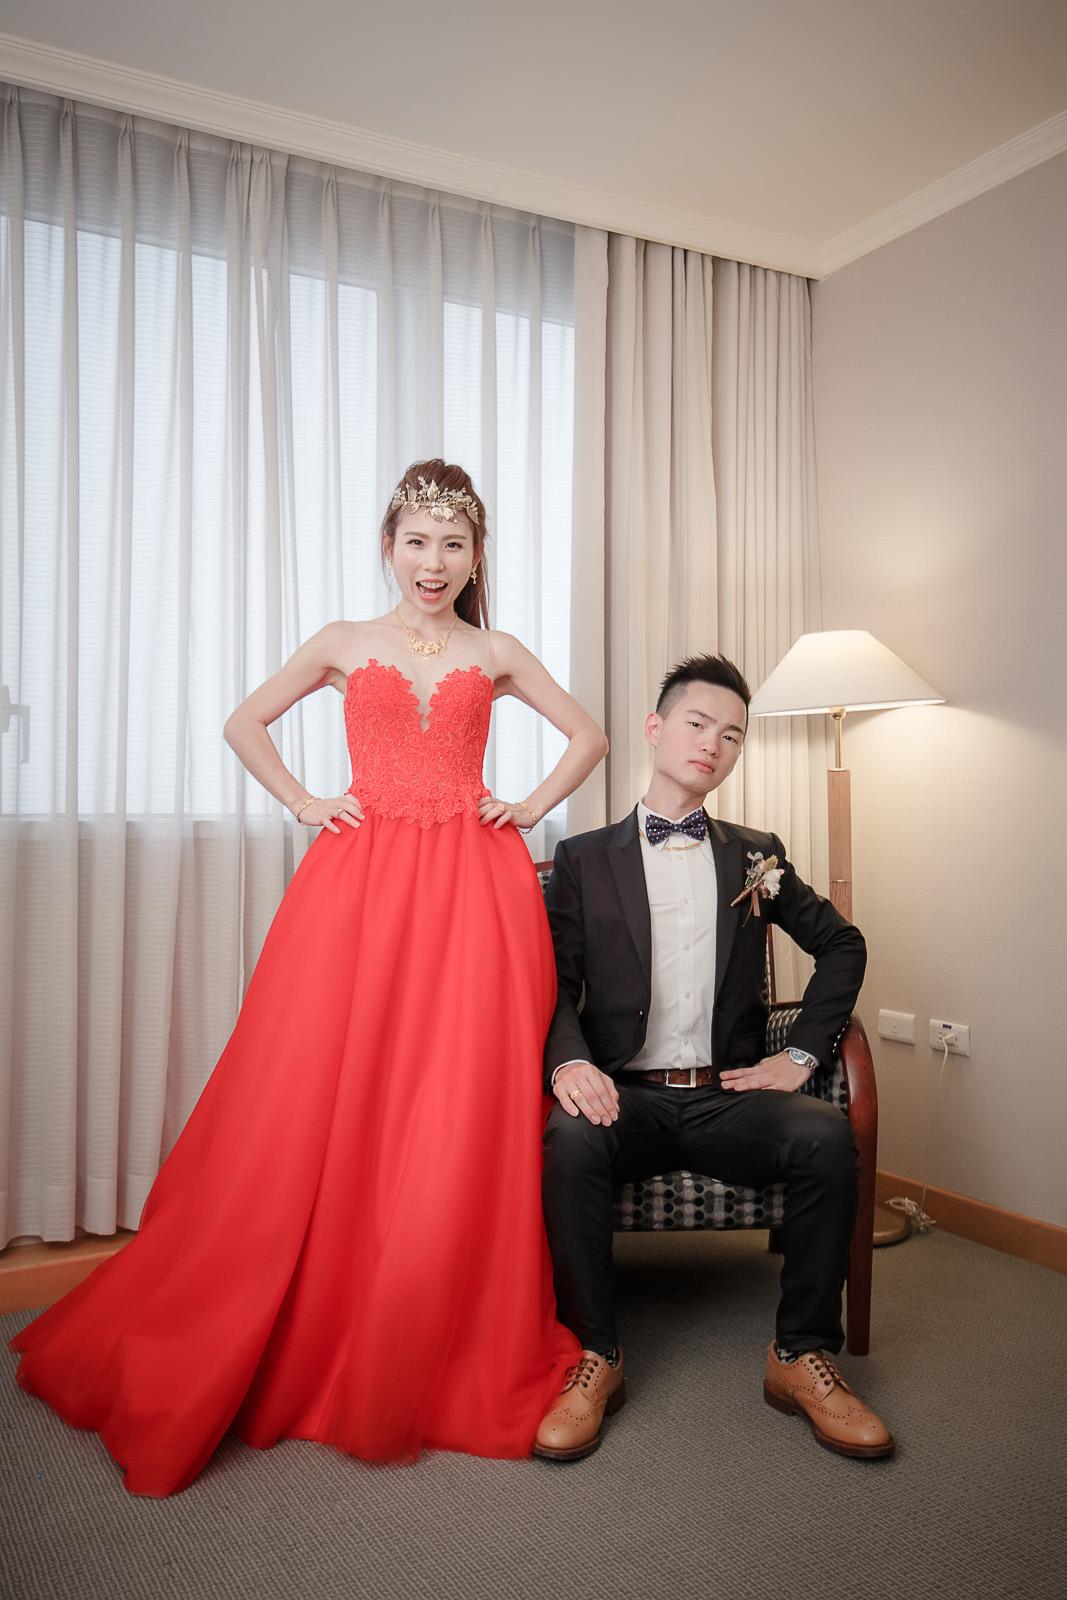 高雄圓山飯店,婚禮攝影,婚攝,高雄婚攝,優質婚攝推薦,Jen&Ethan-062